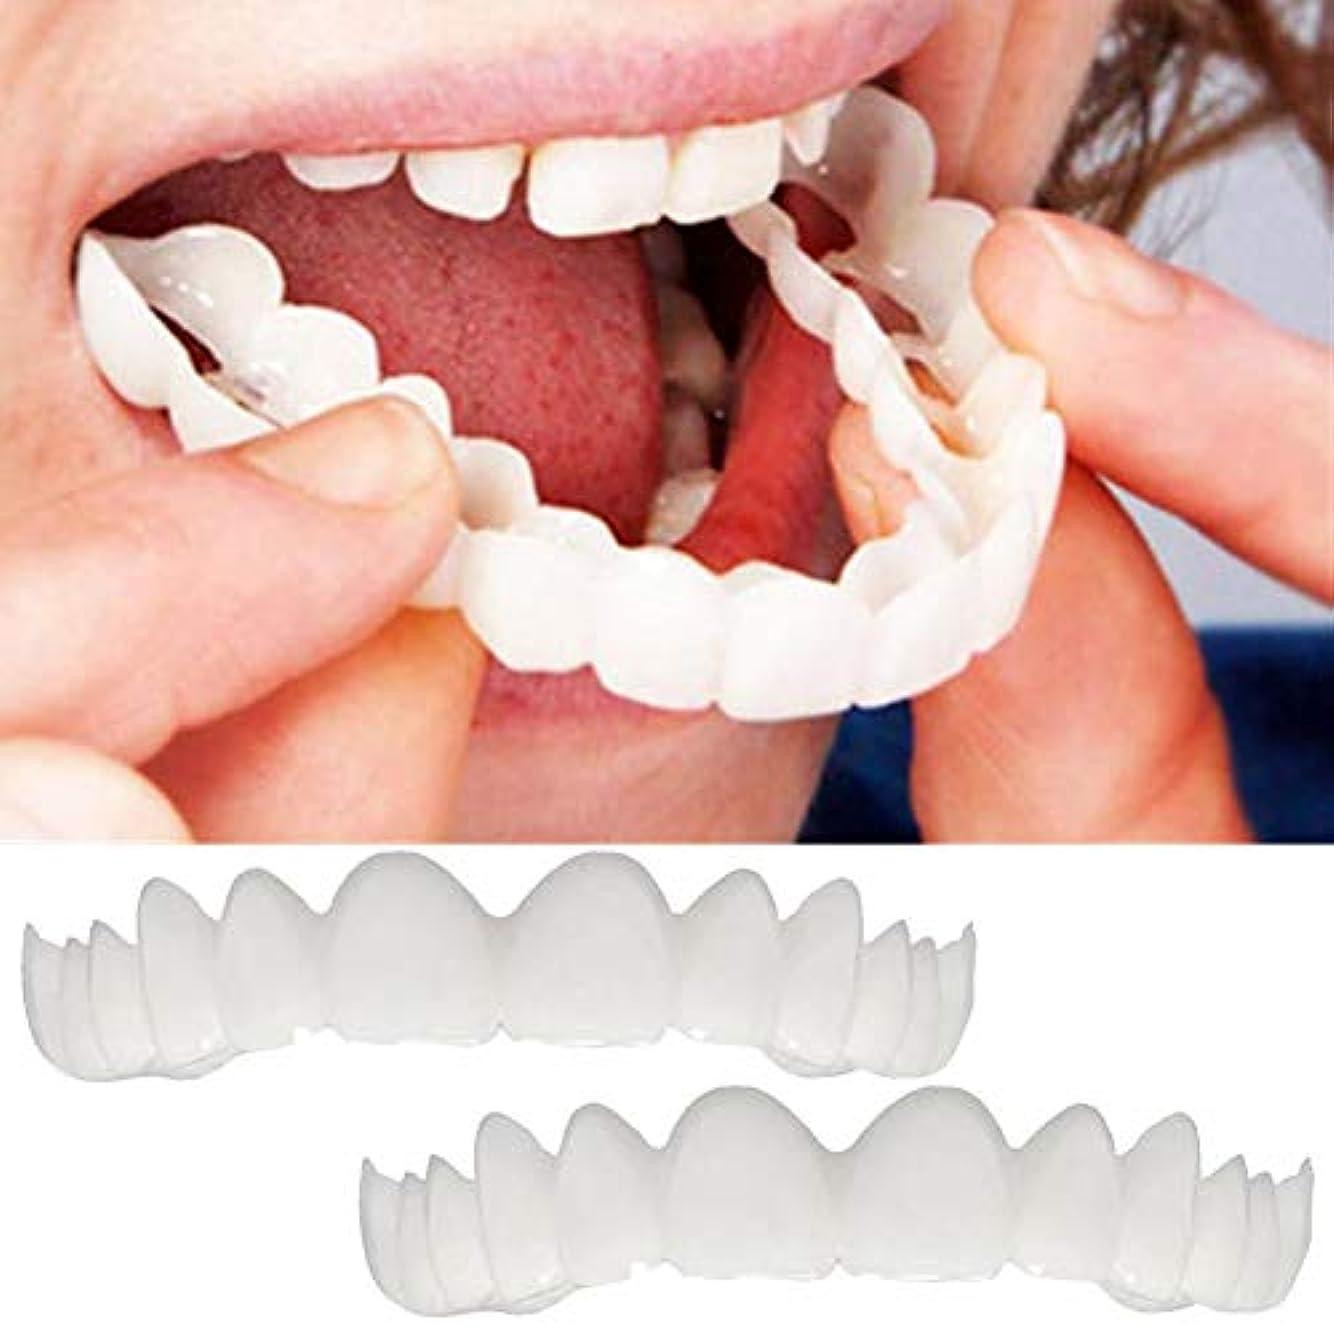 生態学接地泣いているホワイトニングスナップオンスマイルパーフェクトスマイルフィット最も快適な義歯ケア入れ歯デンタルティースベニヤ上の歯と下の歯,1Pcs